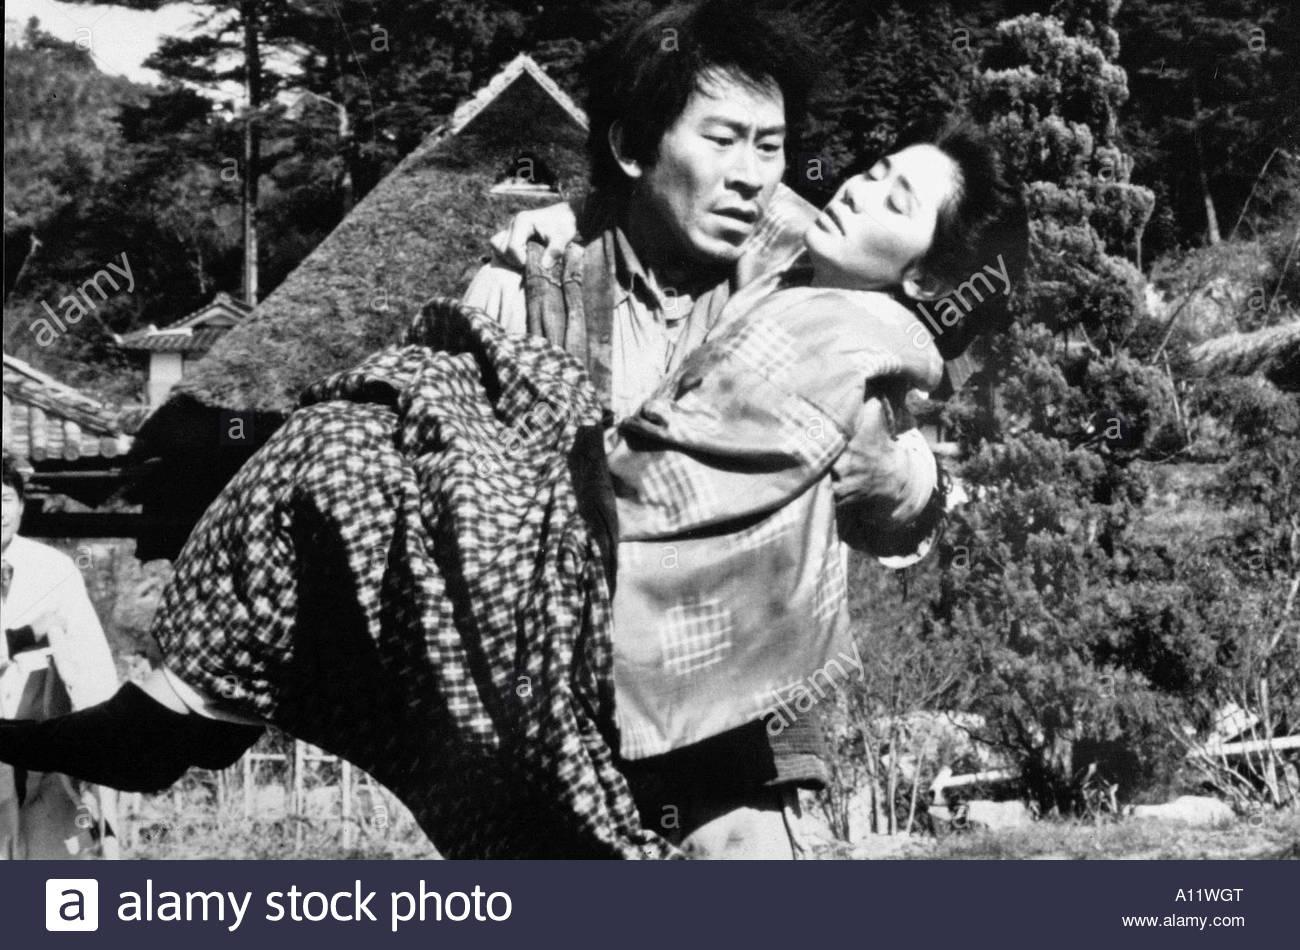 Communication on this topic: Taylor Fry, yoshiko-tanaka/